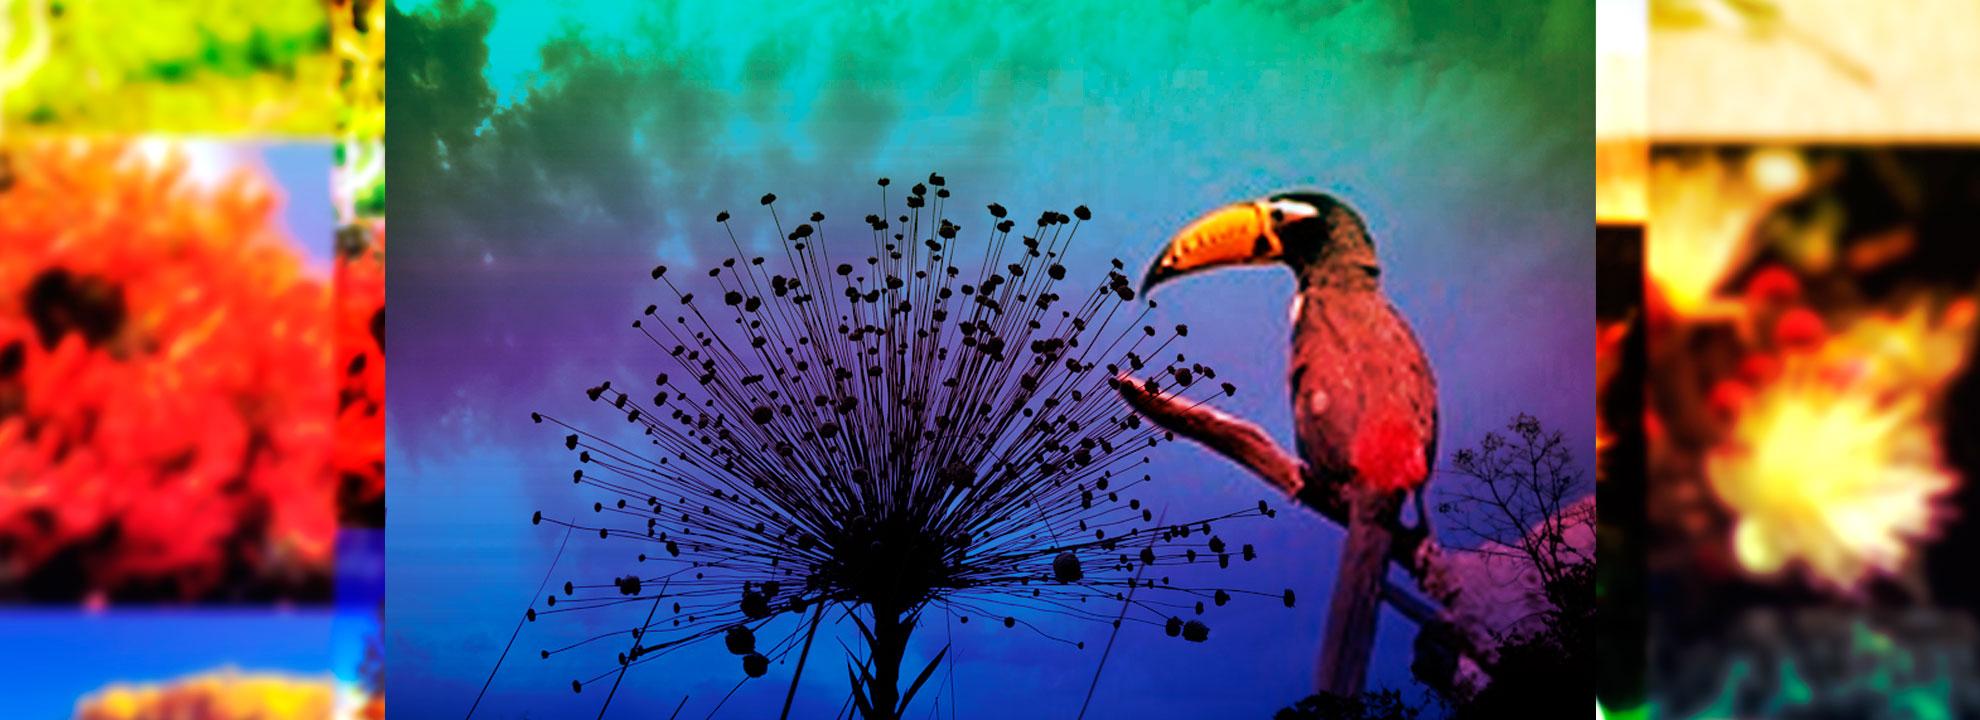 Fauna e Flora do Cerrado